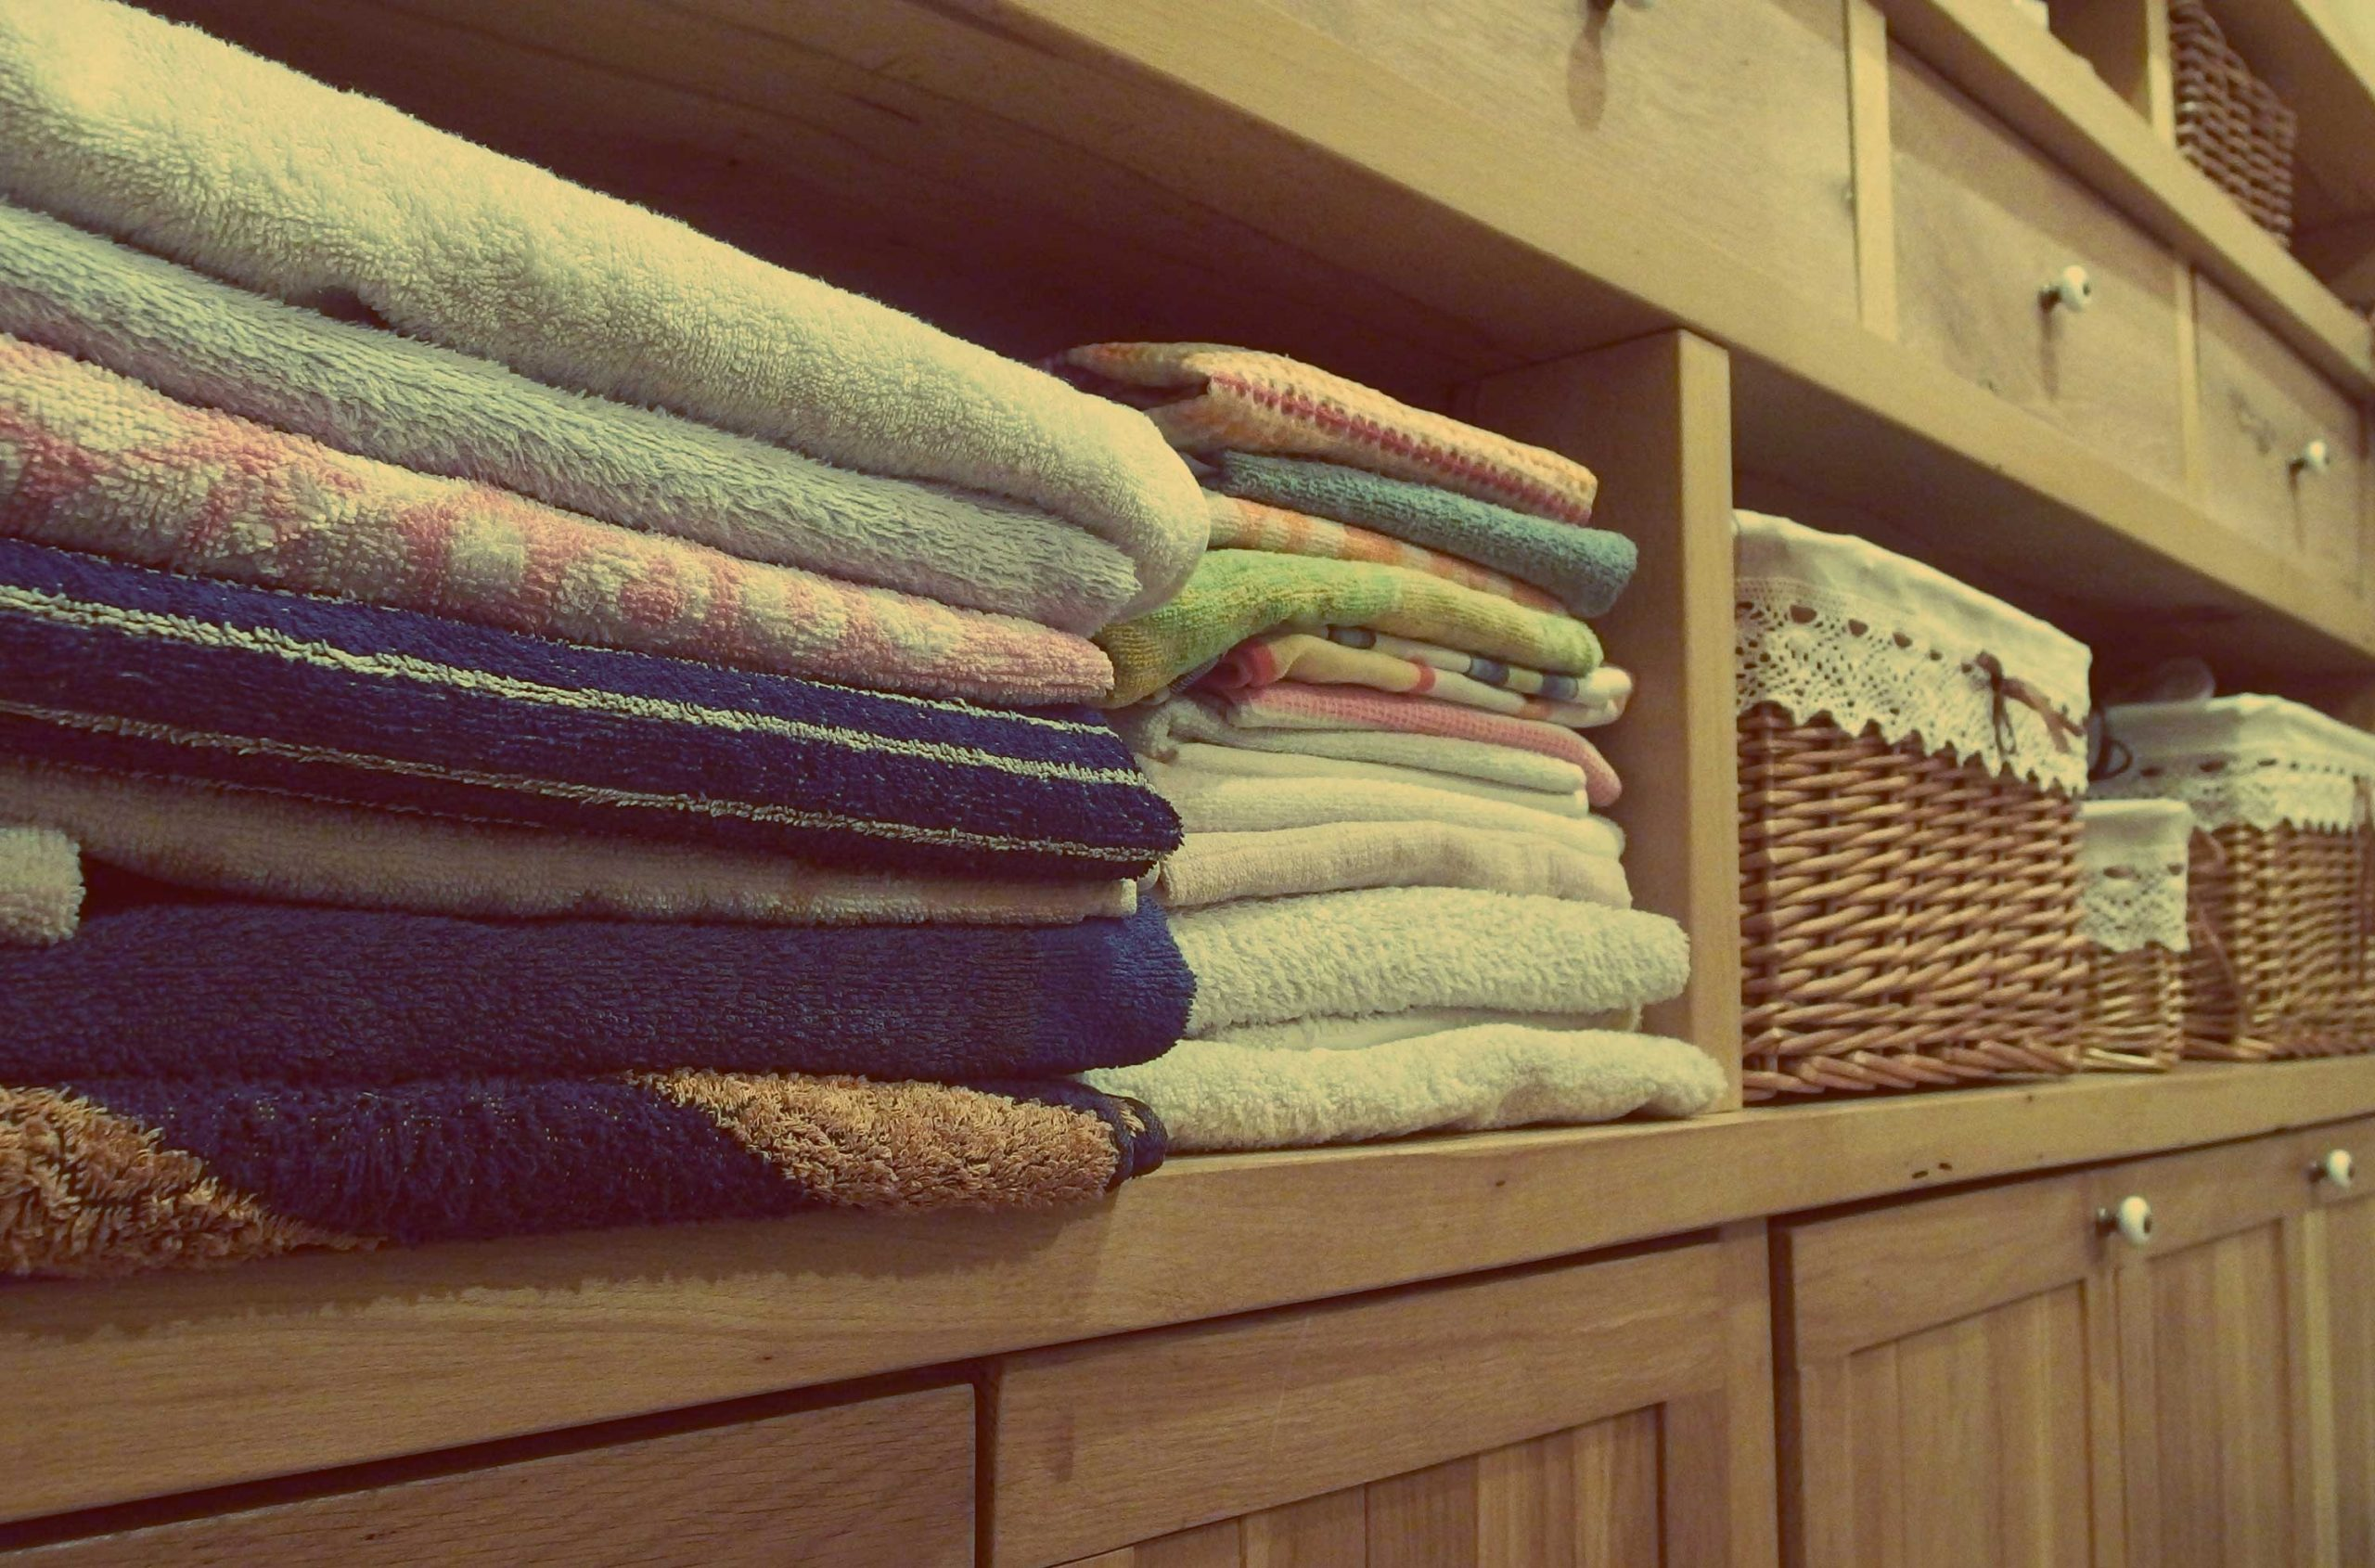 image of bathroom towels organised neatly